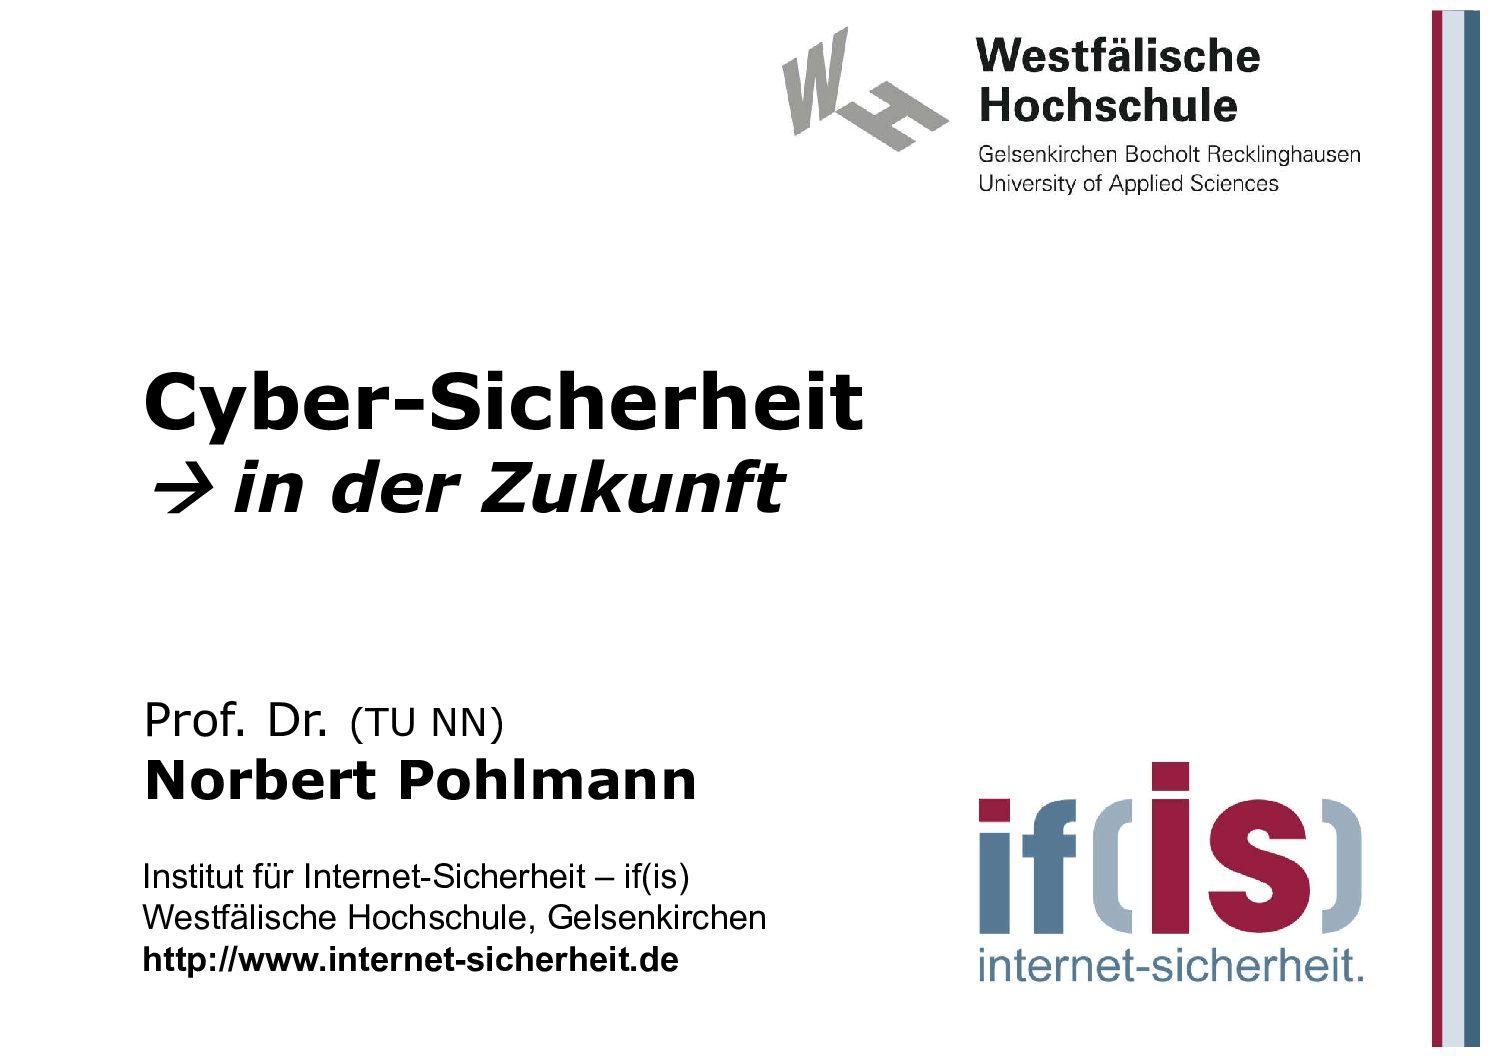 371-Cyber-Sicherheit-in-der-Zukunft